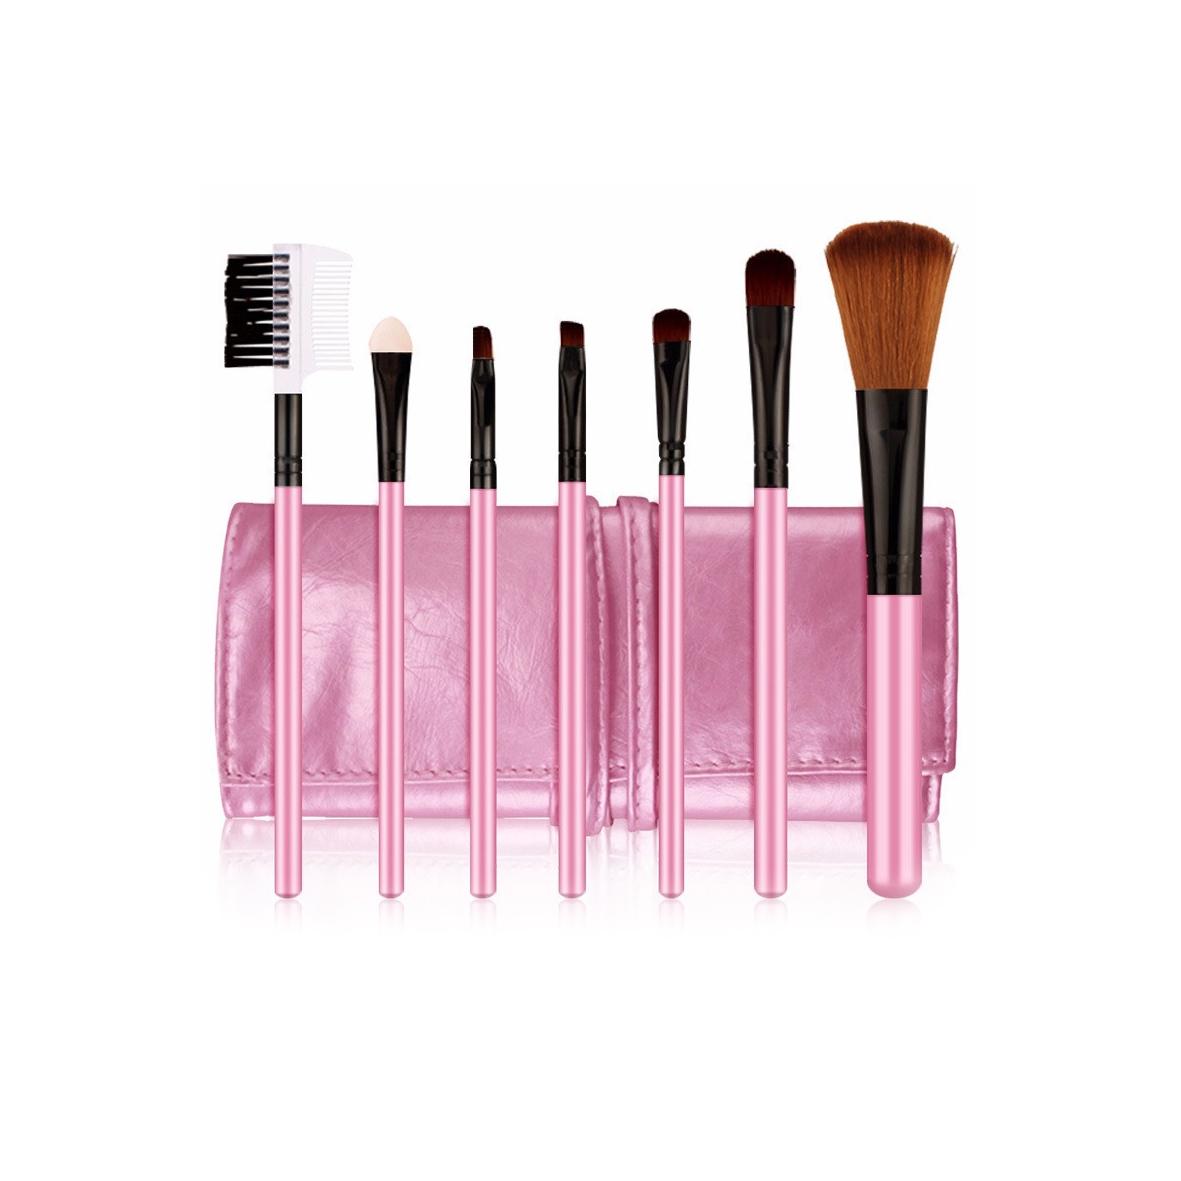 POSH Набор кистей для профессионального макияжа (волокно кинеколон), розовый кожаный чехол 7 шт